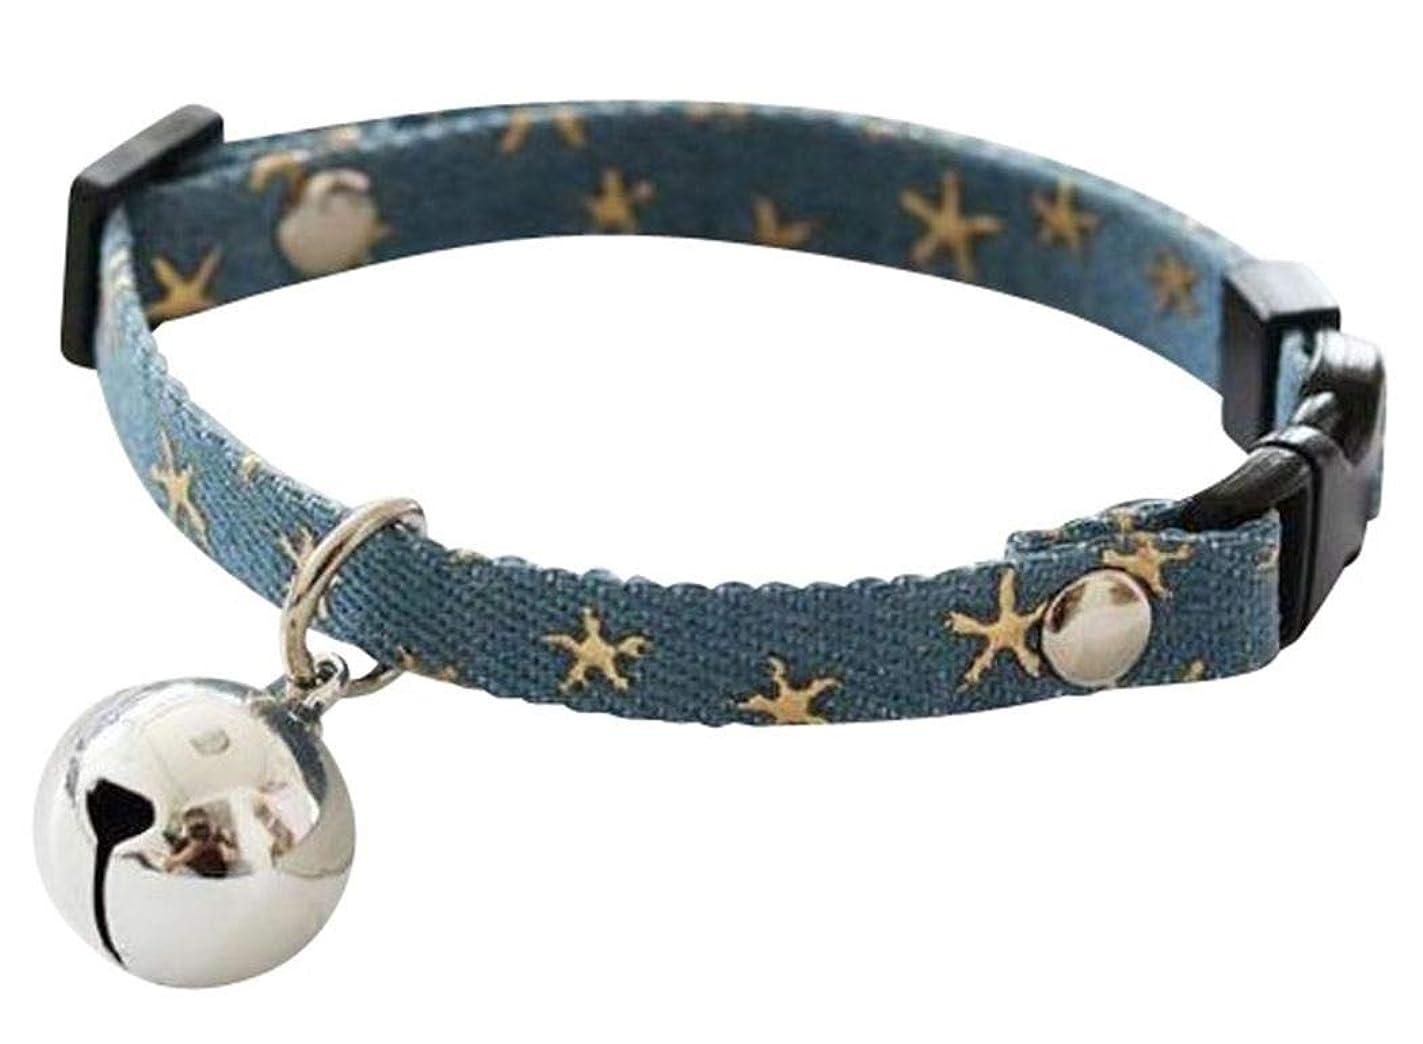 属する復活させる横GJTr 猫 ねこ 用 首輪 鈴 付き バックル 式 サイズ 調節 可能 星 柄 ブルー × シルバー